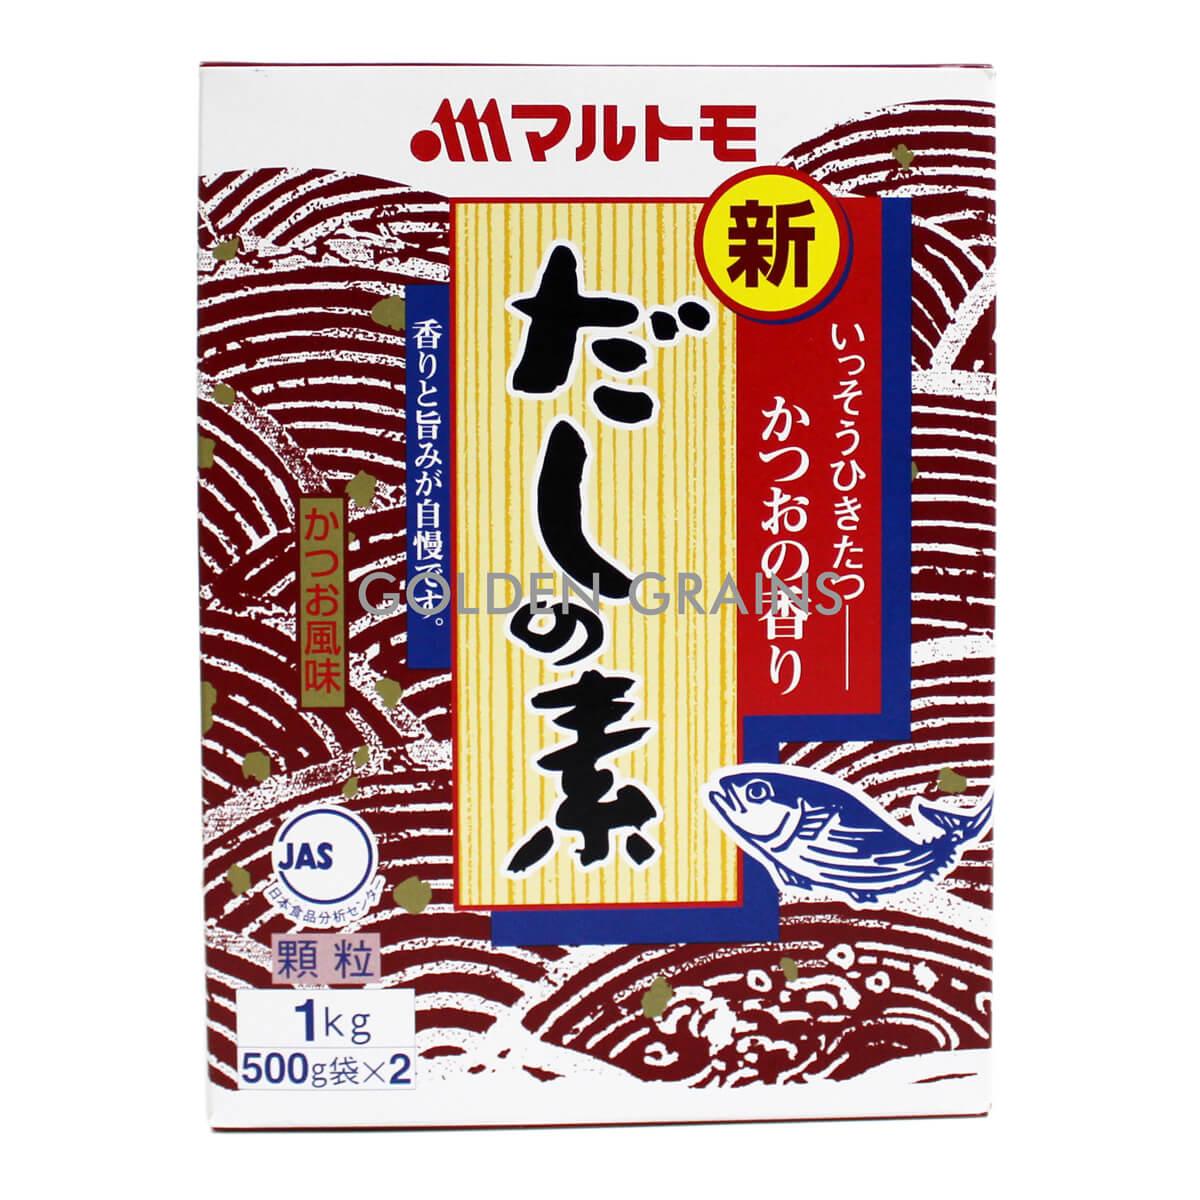 Golden Grains Marutomo - Dashi - Front.jpg